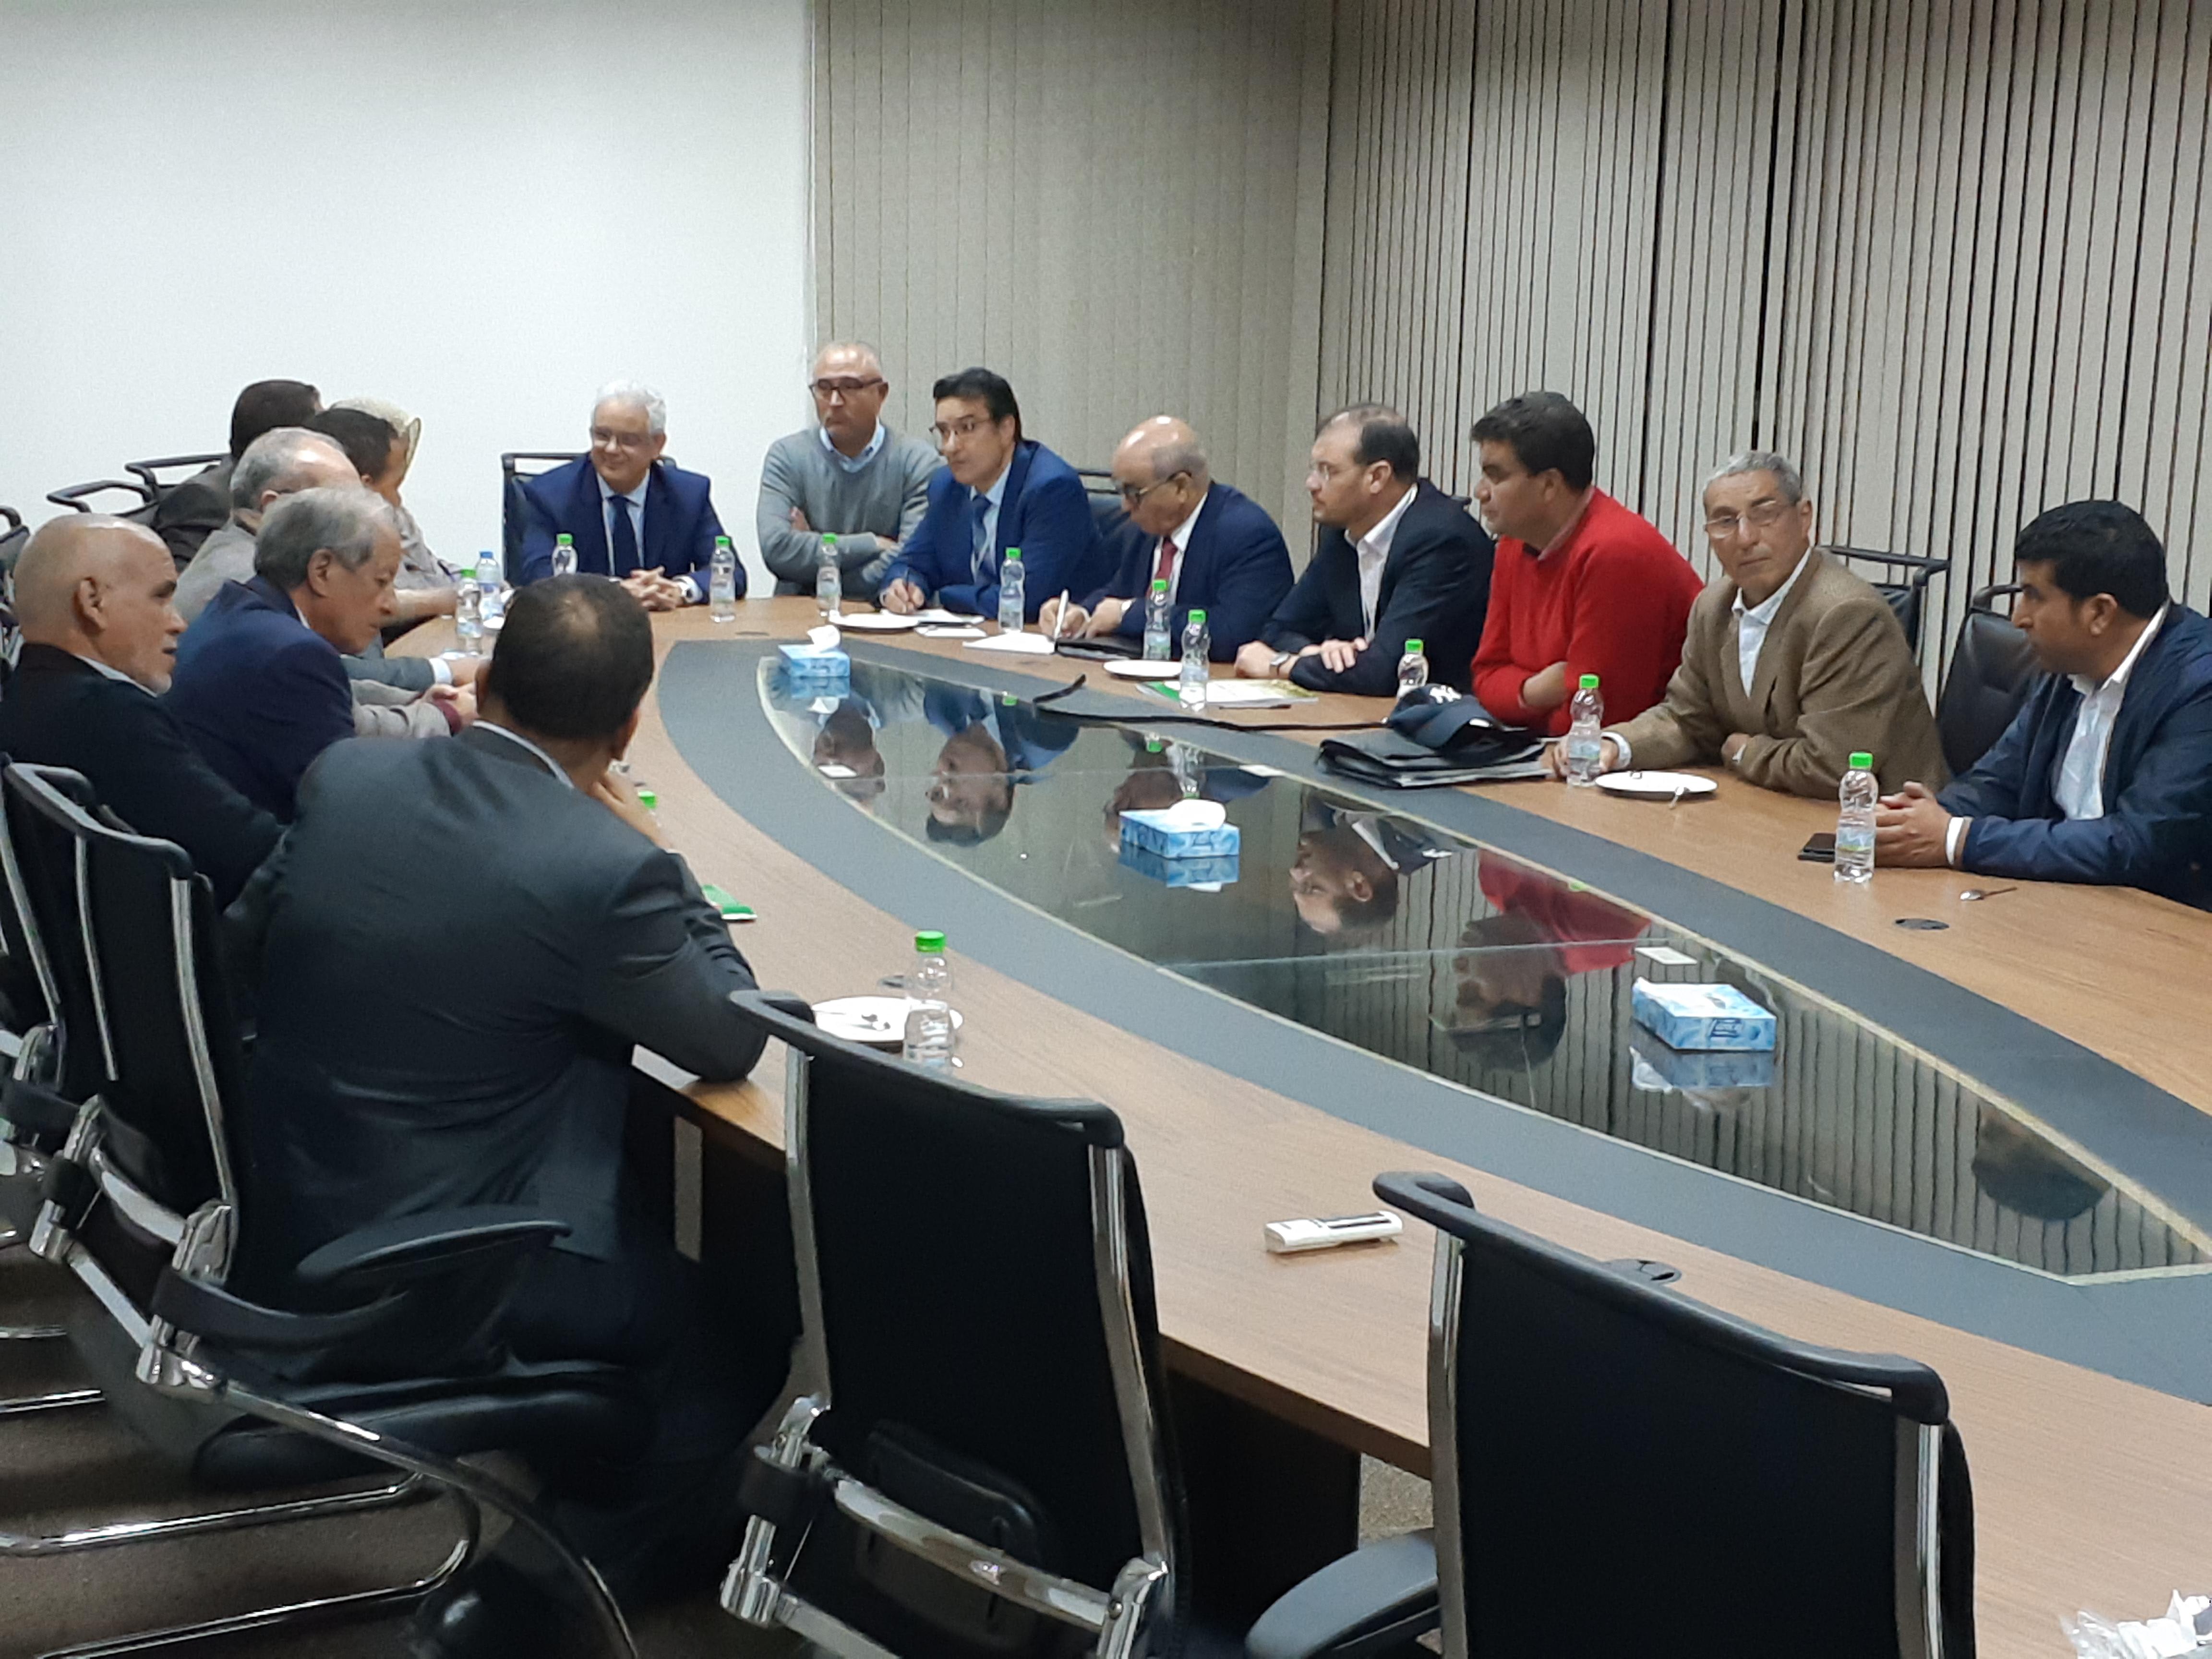 الأخ نزار بركة يعقد لقاءا تواصليا وتشاوريا هاما مع المستشارين الاستقلاليين بالغرف المهنية بجهة بني ملال - خنيفرة